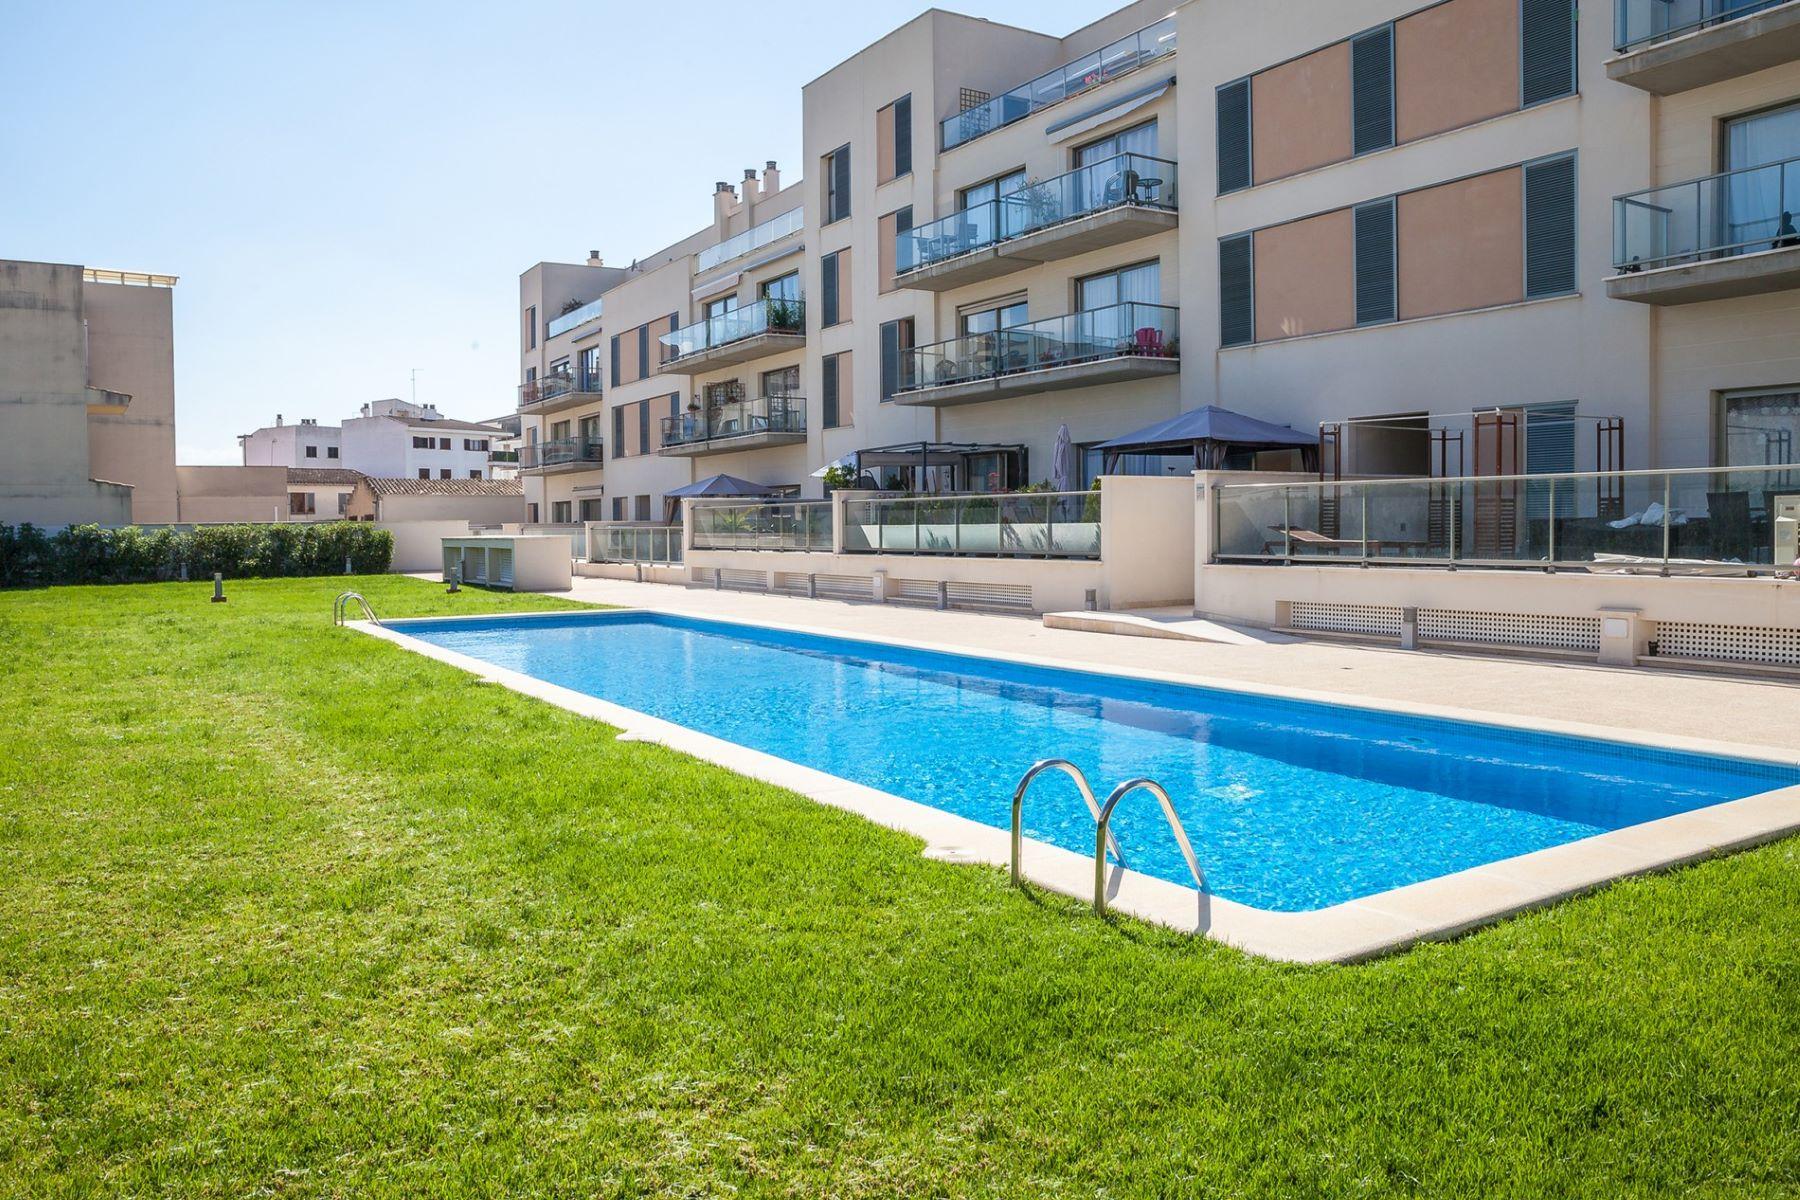 واحد منزل الأسرة للـ Rent في Apartment in Llucmajor for rent Llucmajor, Mallorca, Spain